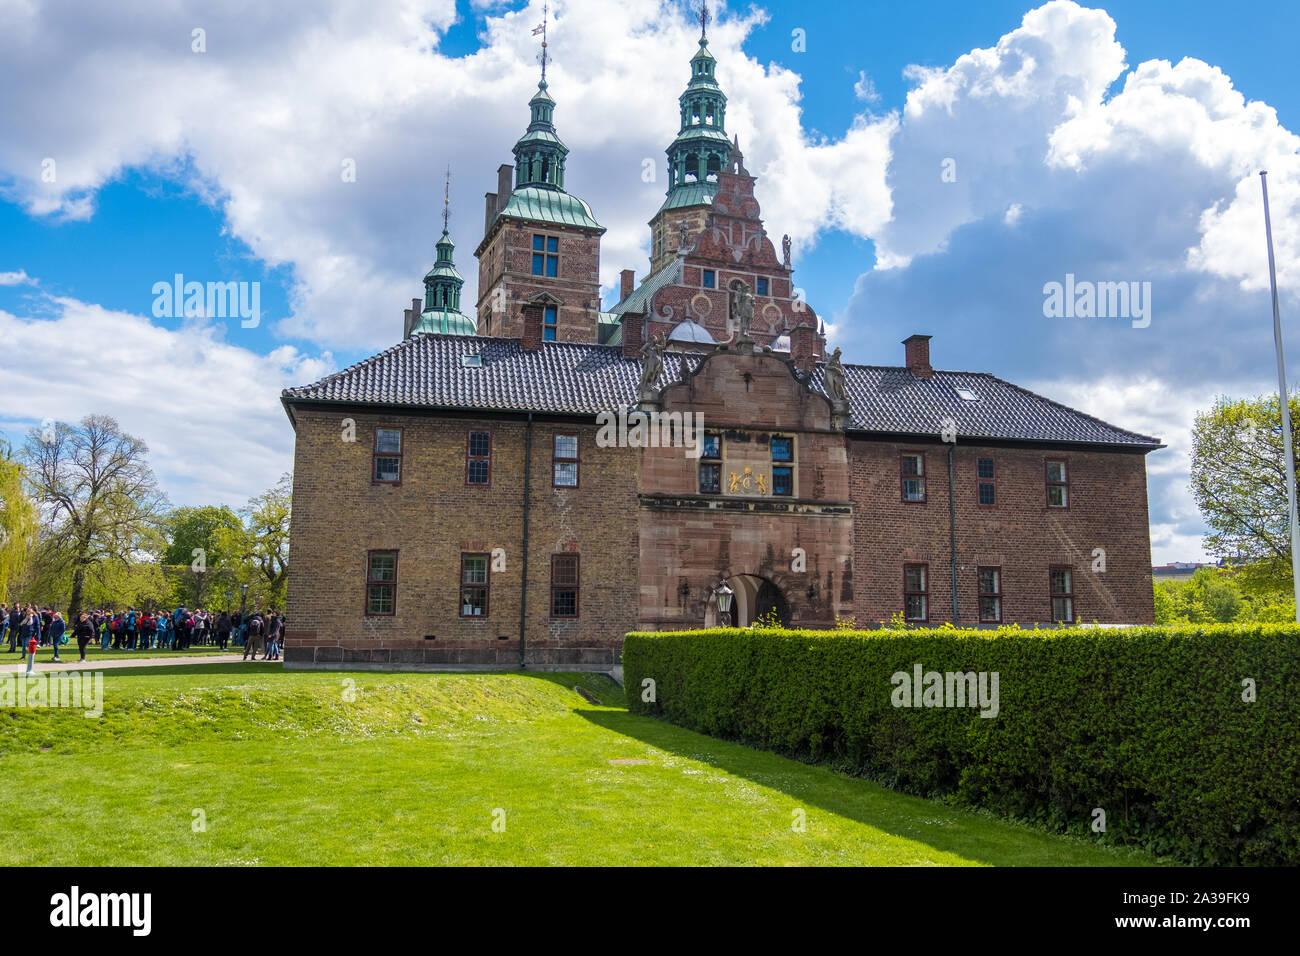 Copenhague, Dinamarca - Mayo 04, 2019: El castillo de Rosenborg y el Jardín del Rey en el centro de Copenhague, Dinamarca Foto de stock